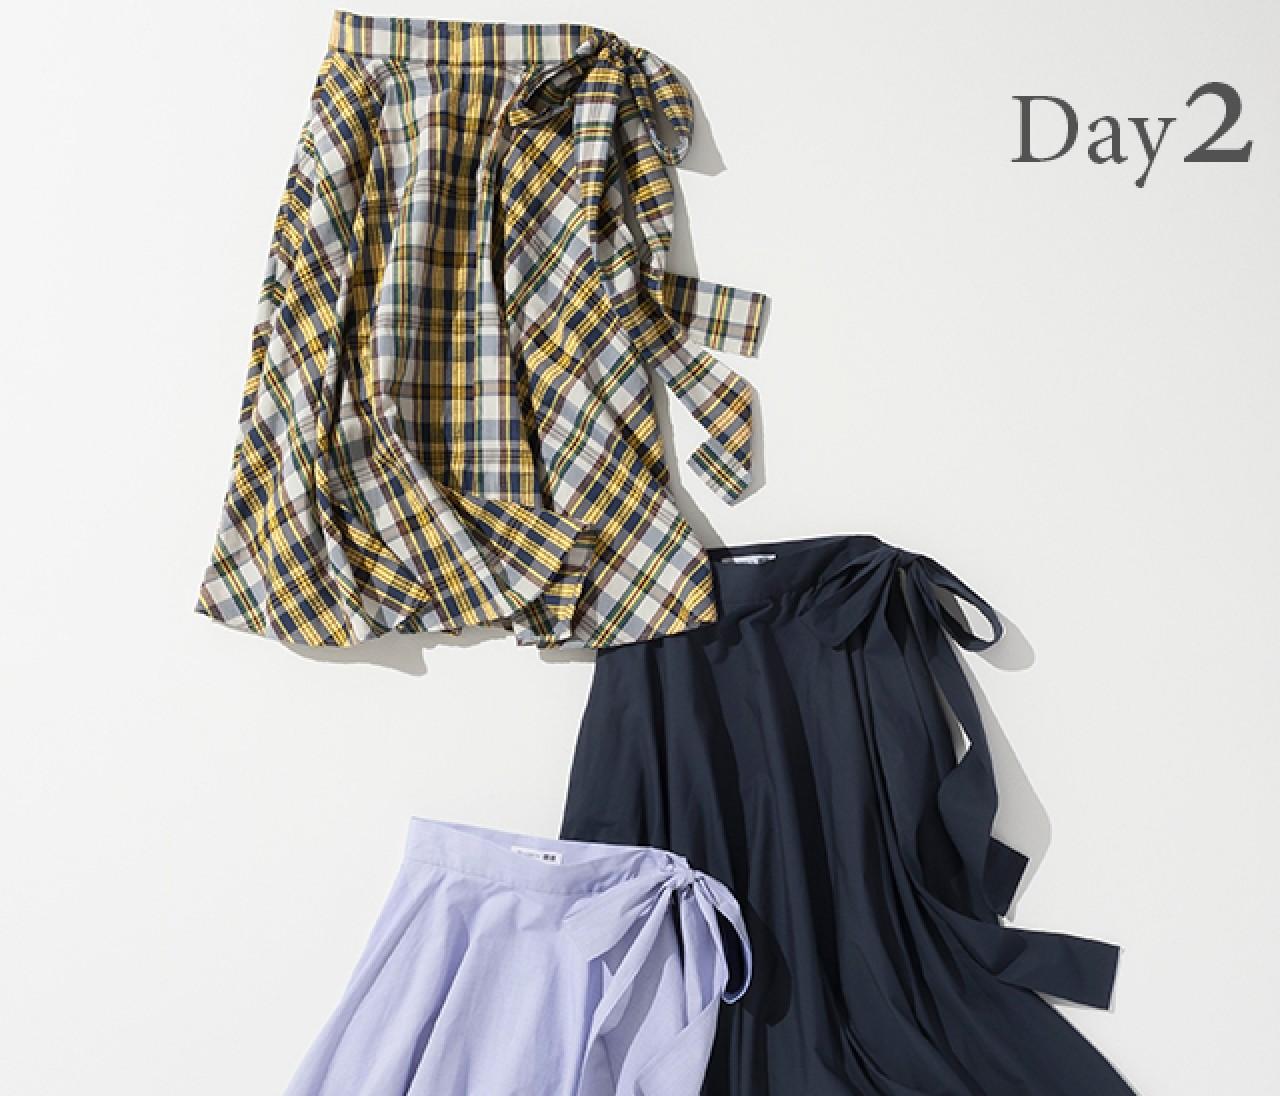 人気沸騰! JW ANDERSONのコラボスカート。 サイドリボンで女性らしさを引き立てて【ユニクロ毎日コーデ】